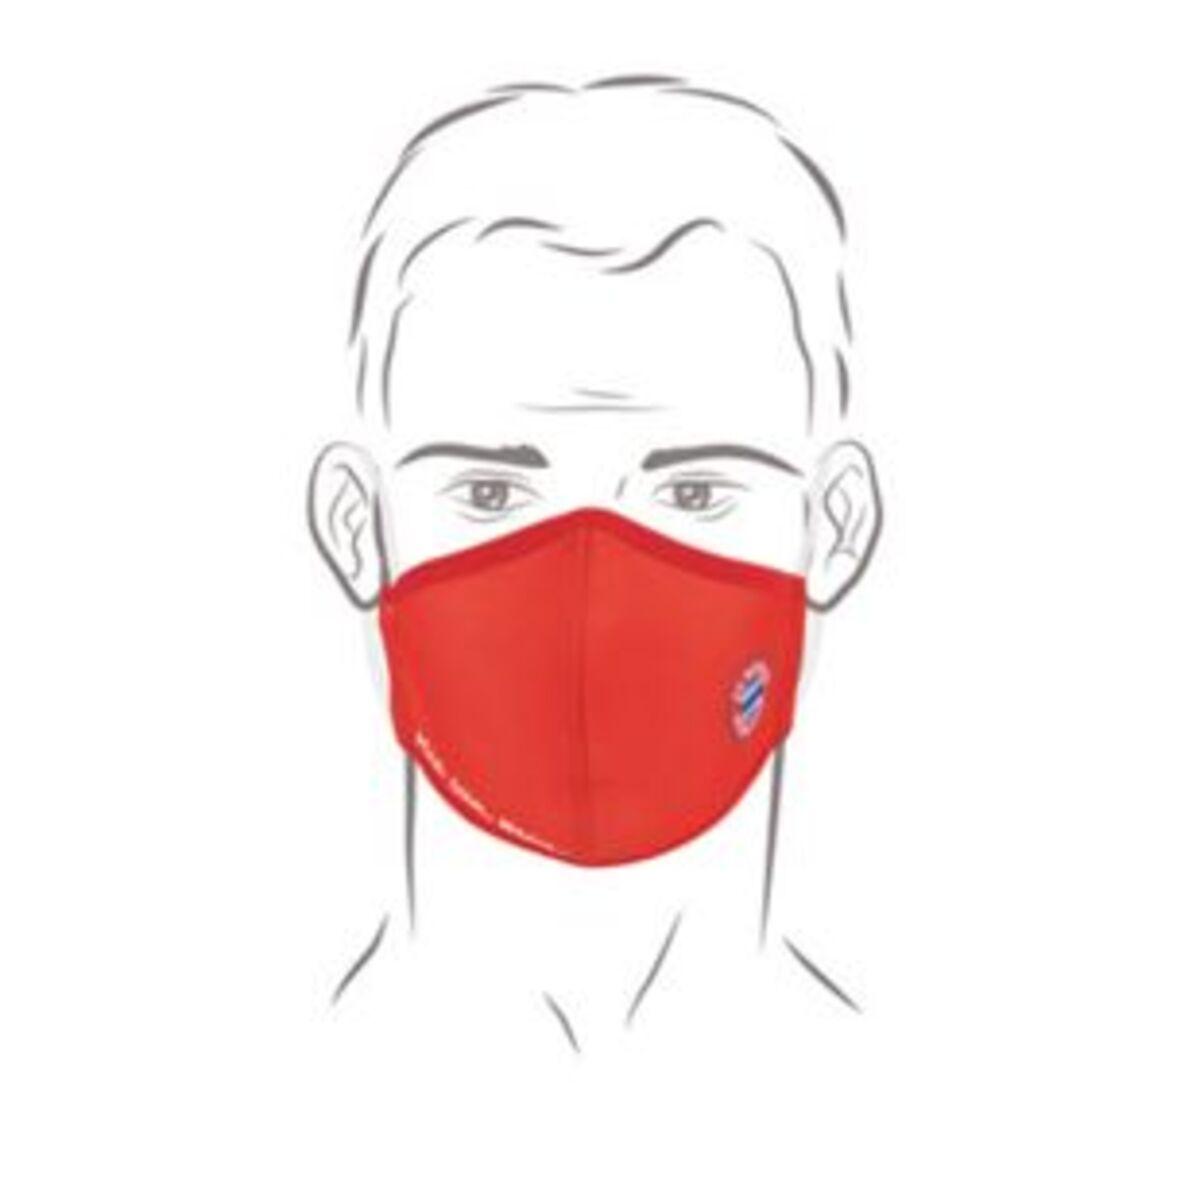 Bild 2 von FCB Mund-Nasen-Maske rot/weiß